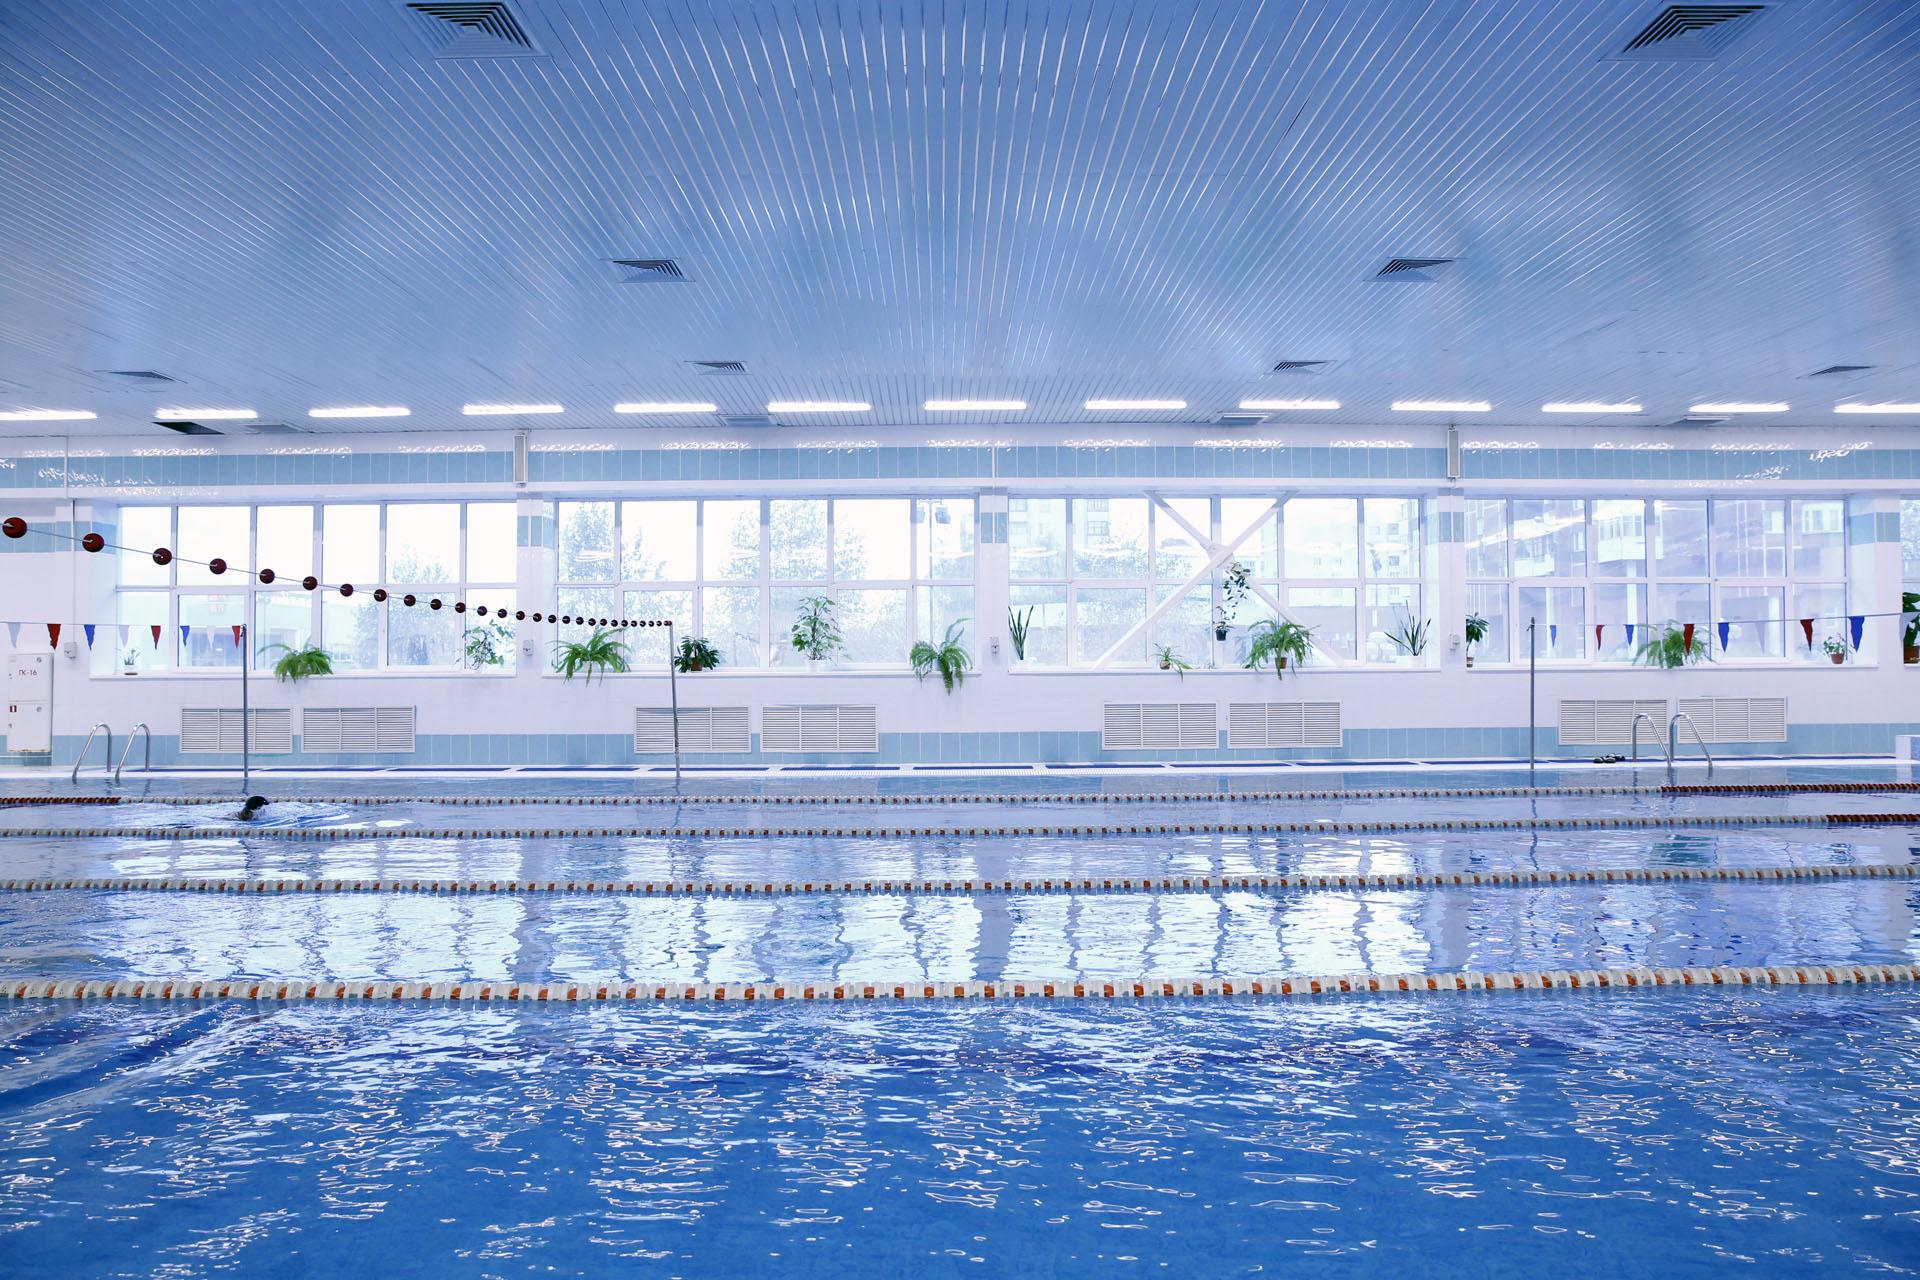 Ориентировочные даты запуска бассейна — 28 июня — 1 июля.